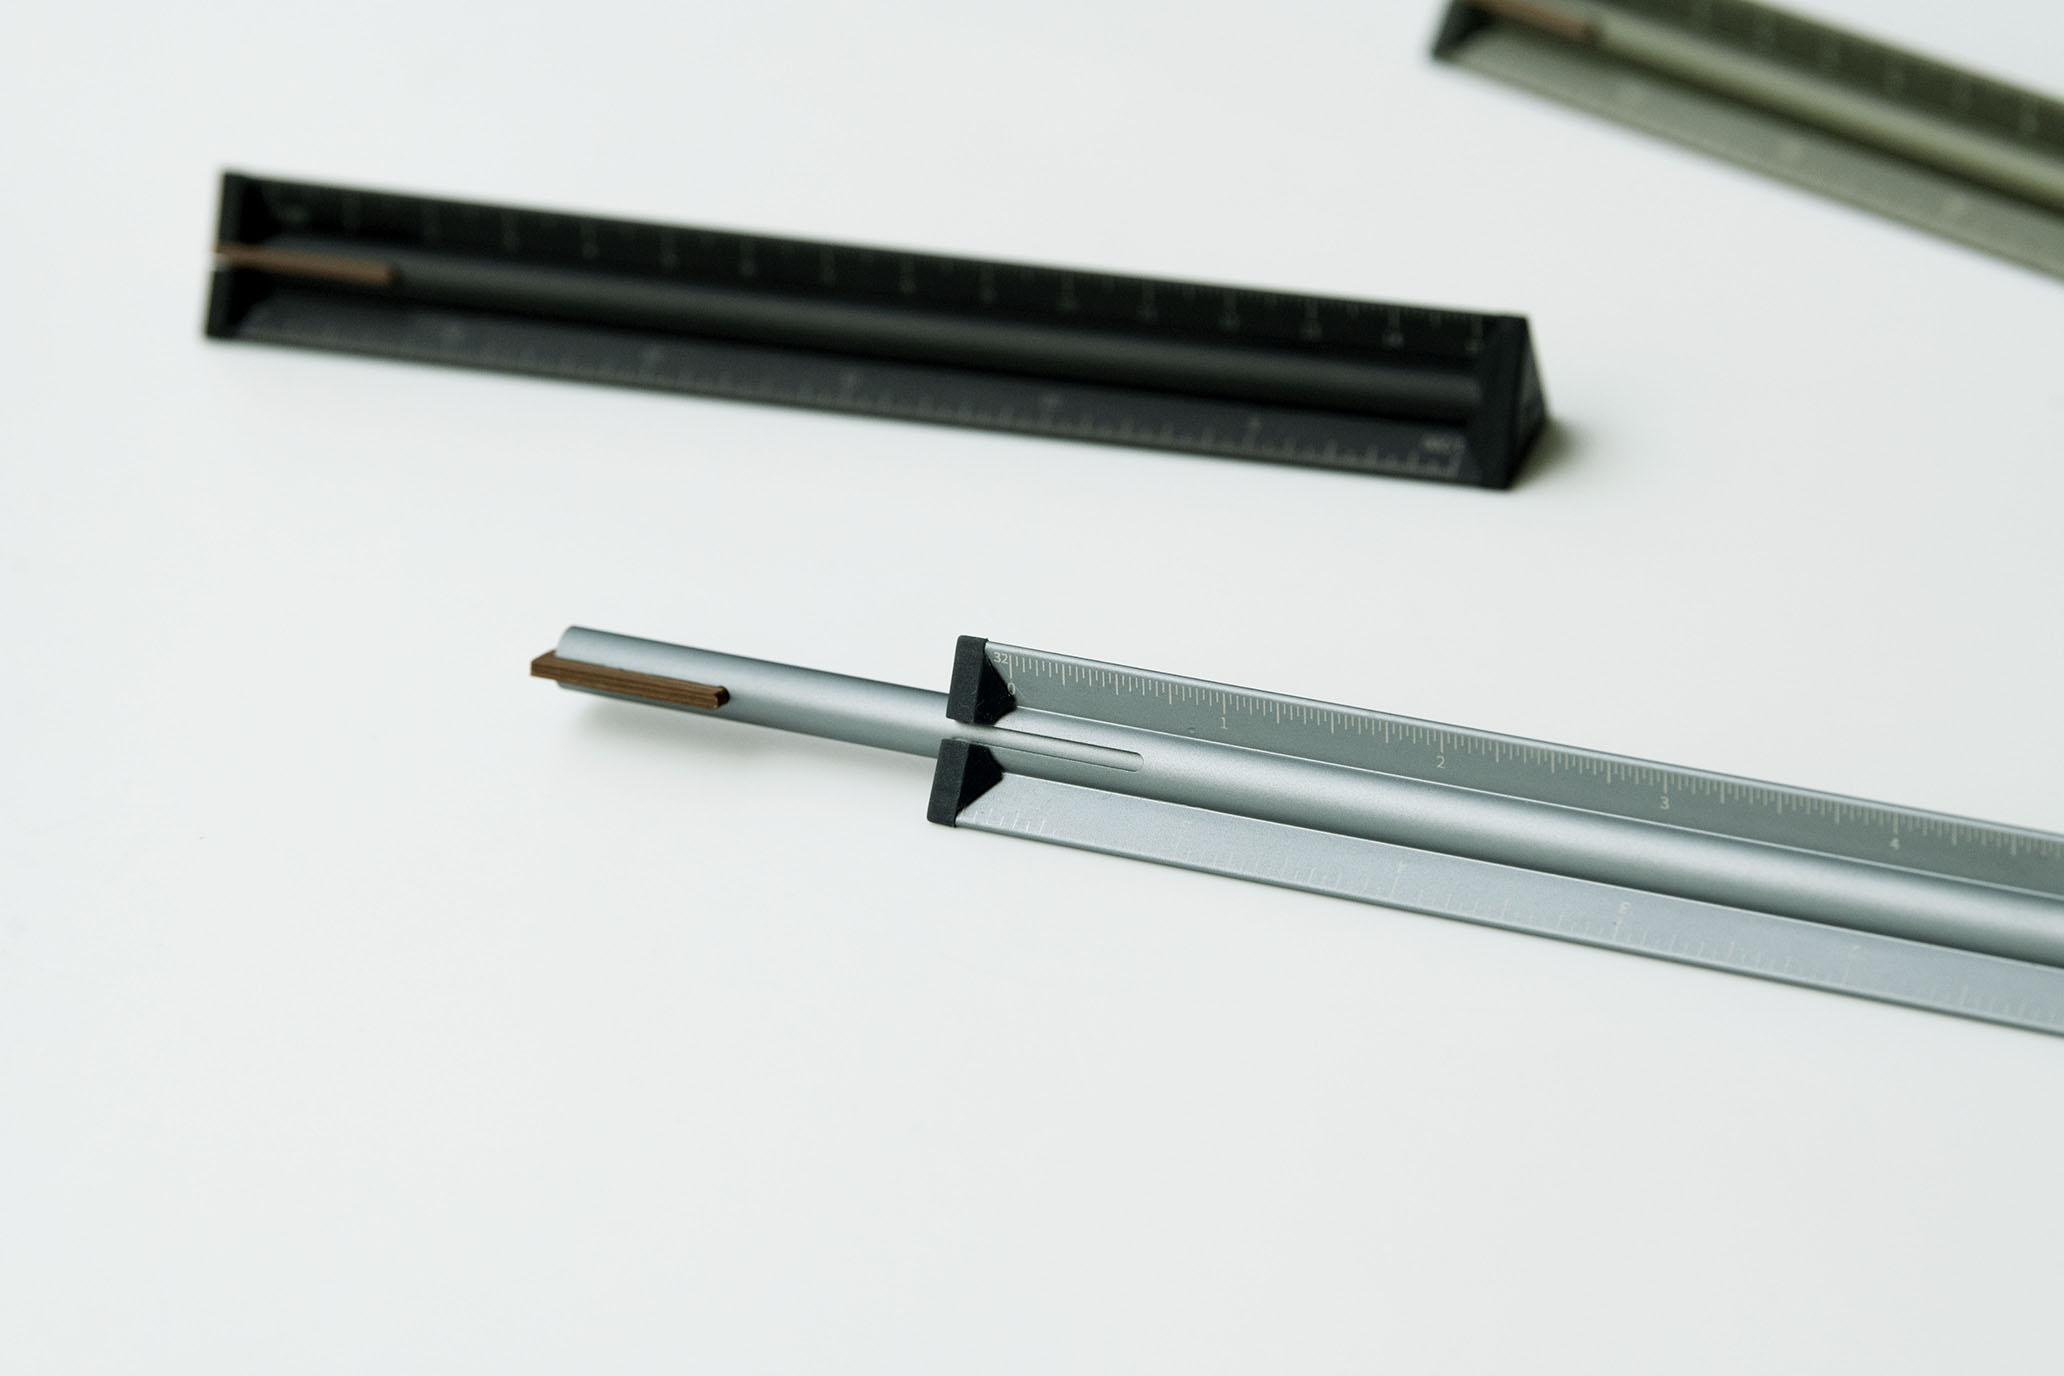 網站近期文章:一筆在手,實現設計工作者的完美想像|TA+d 筆力尺+竹織鋼筆